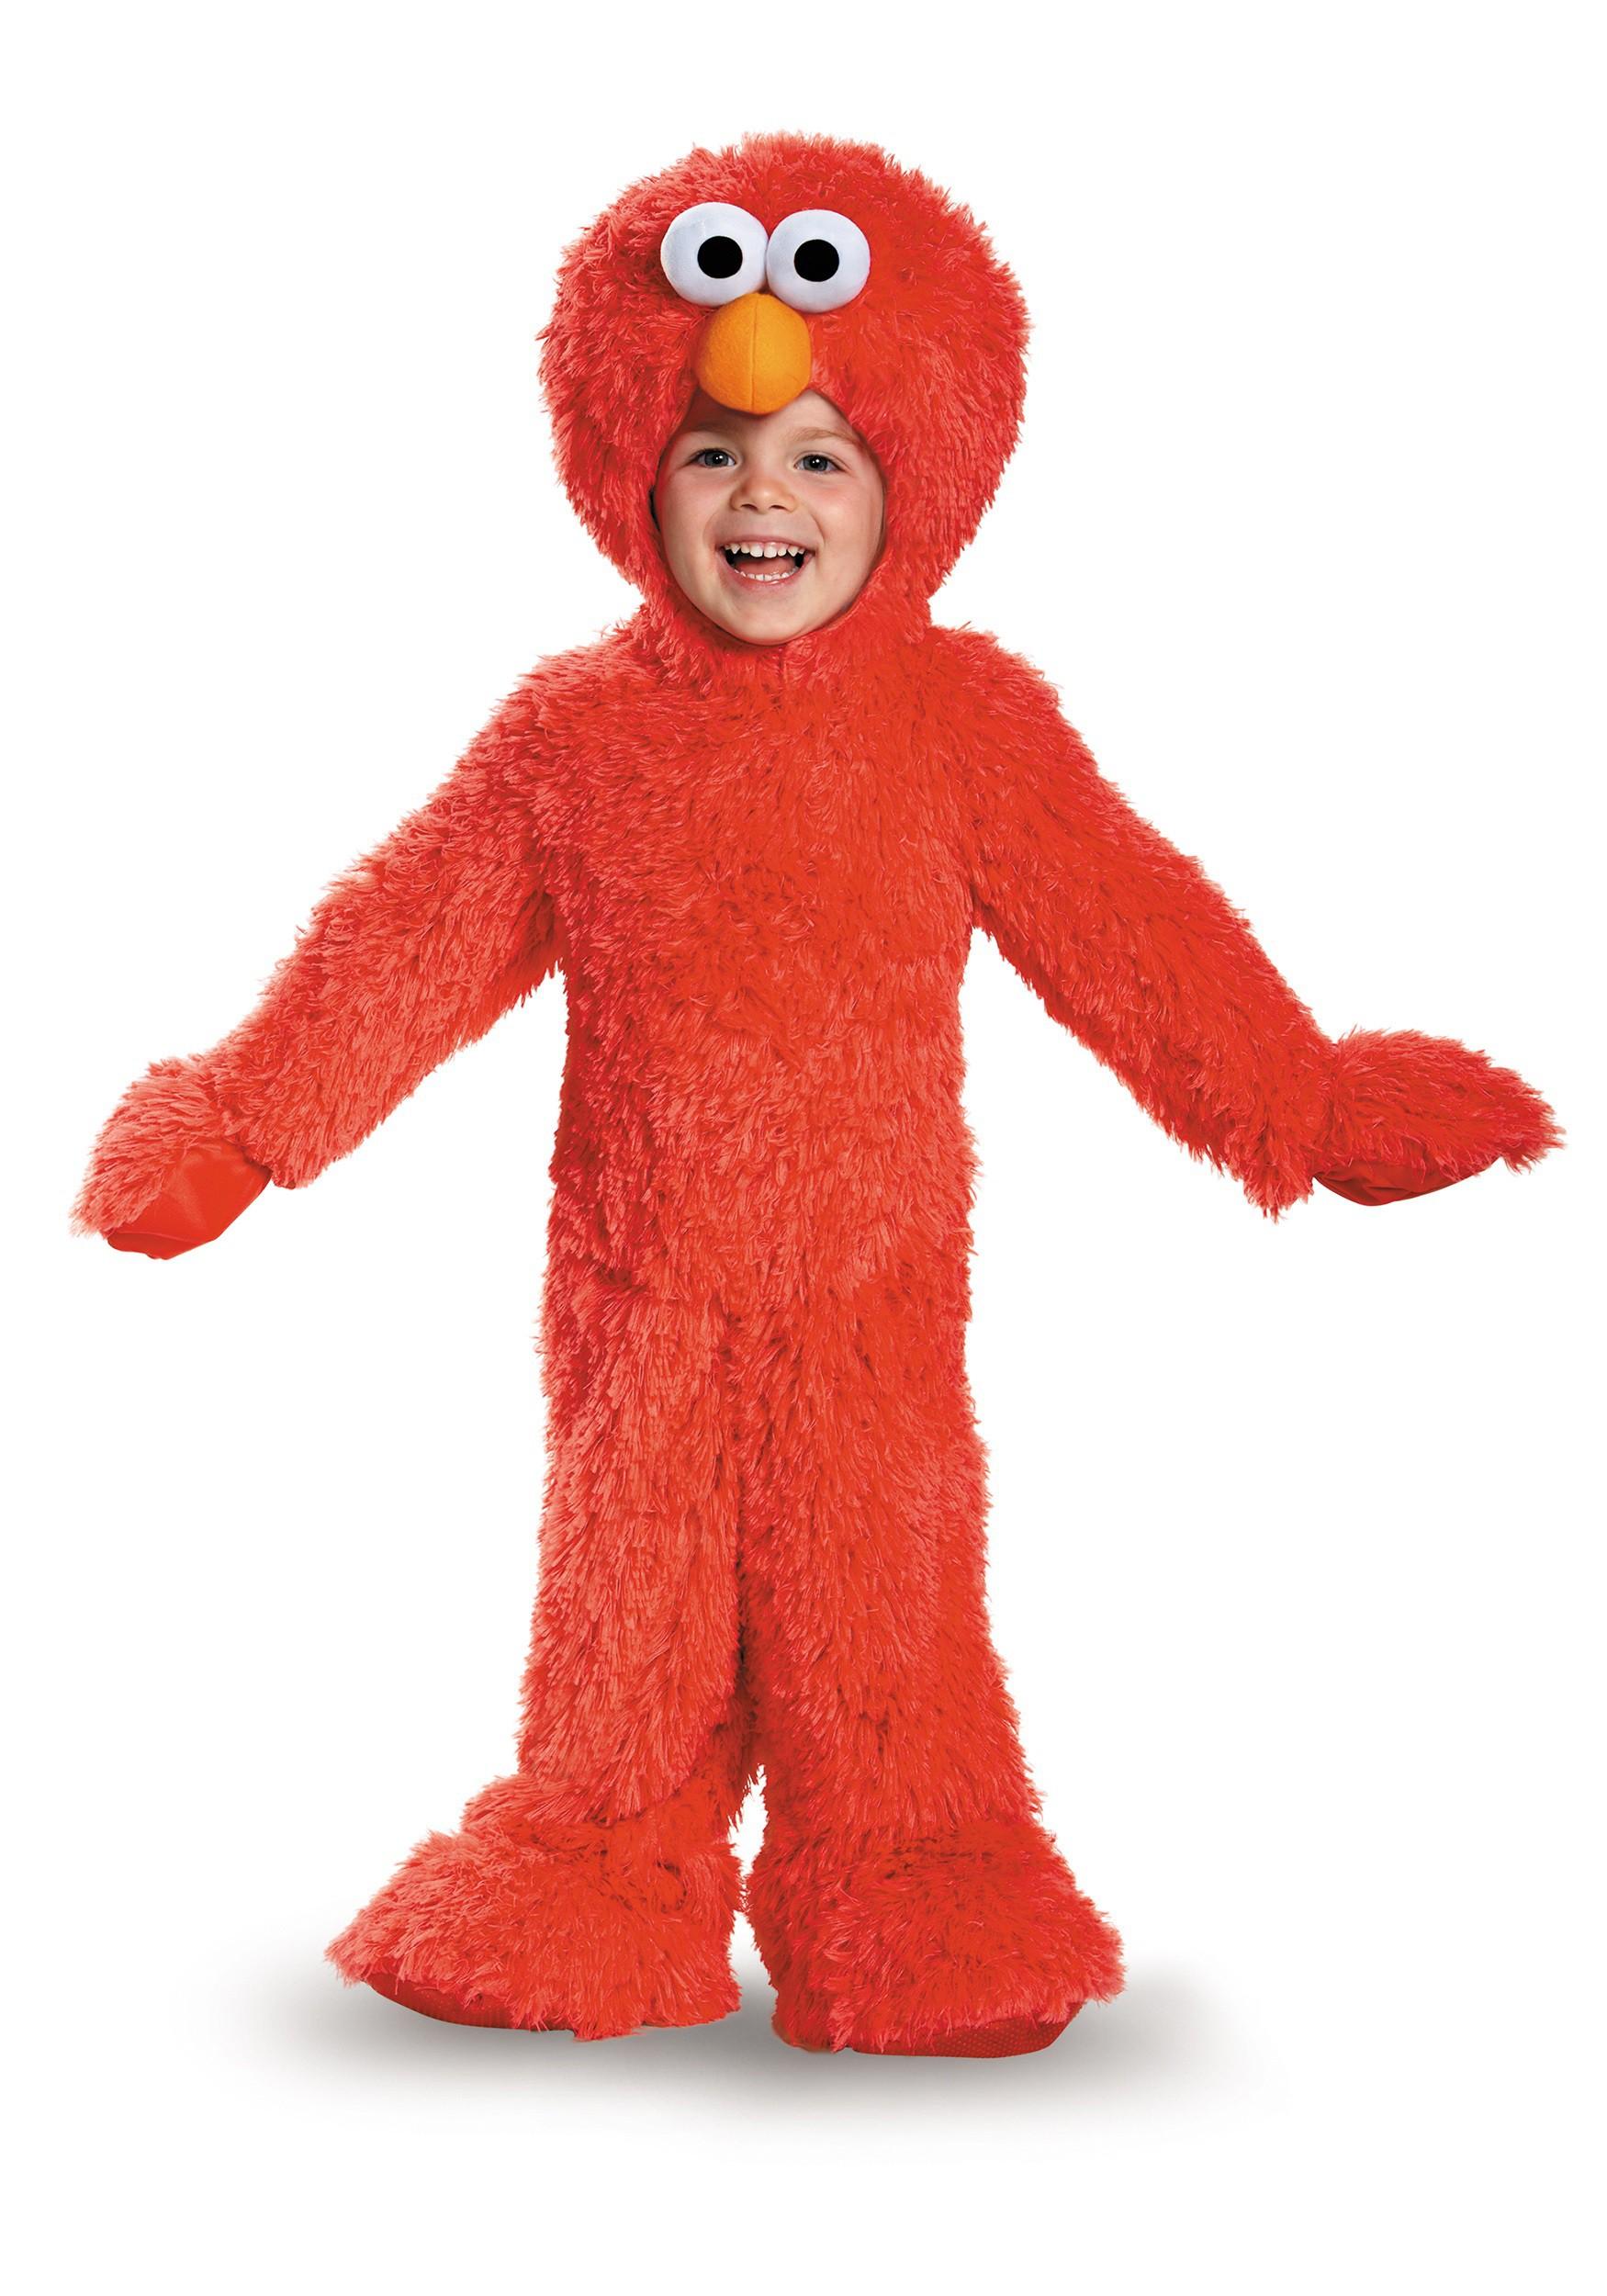 Elmo Costume for Infant Toddler